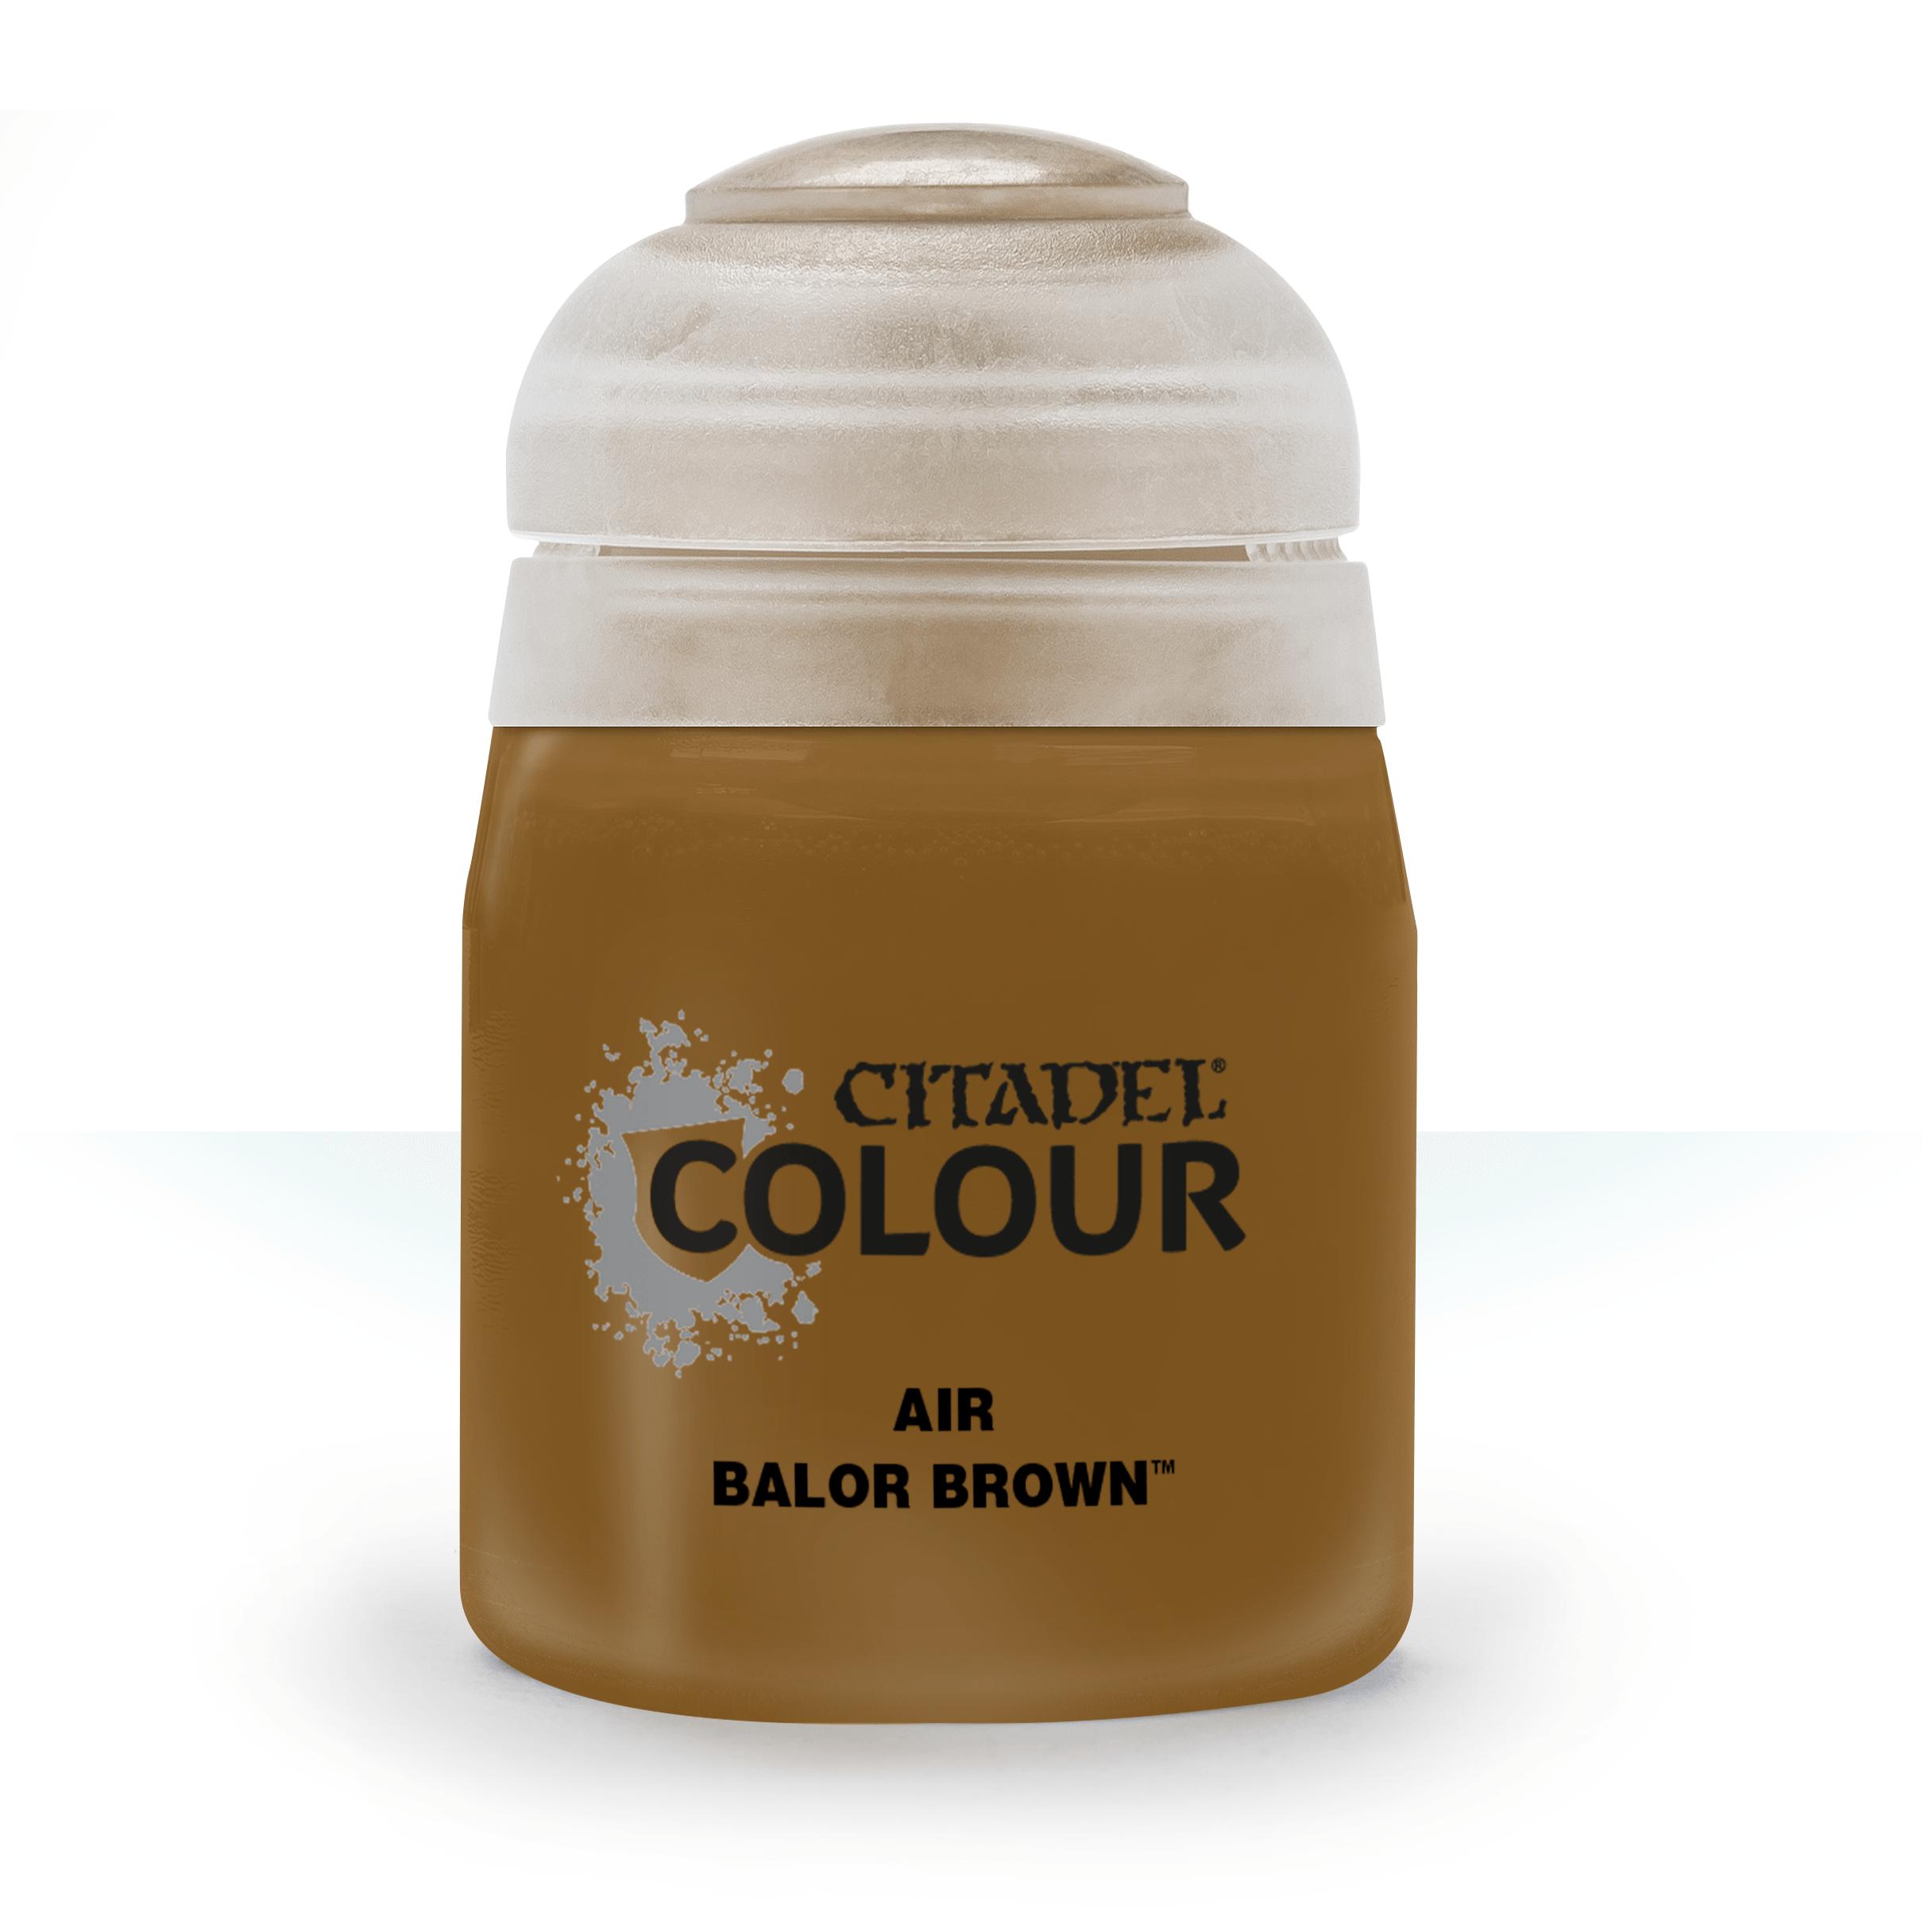 Balor Brown, Citadel Air 24ml